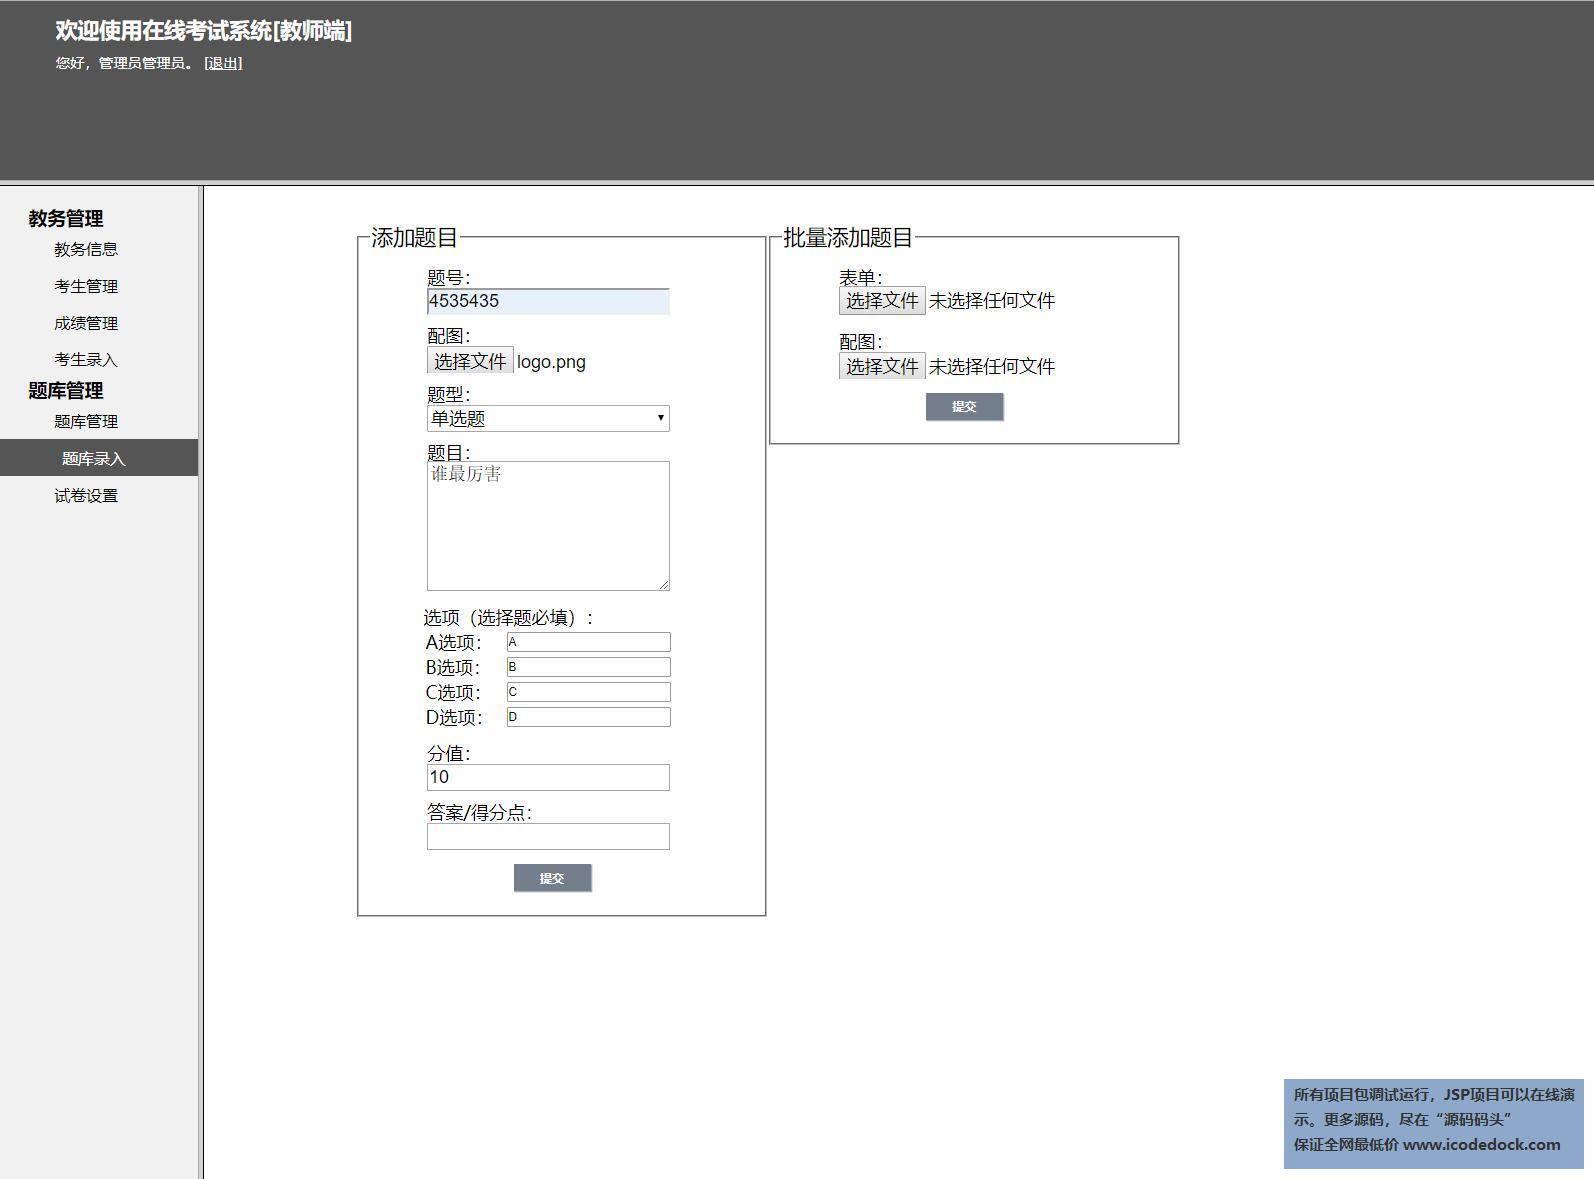 源码码头-JSP在线考试管理系统-管理员角色-题目录入